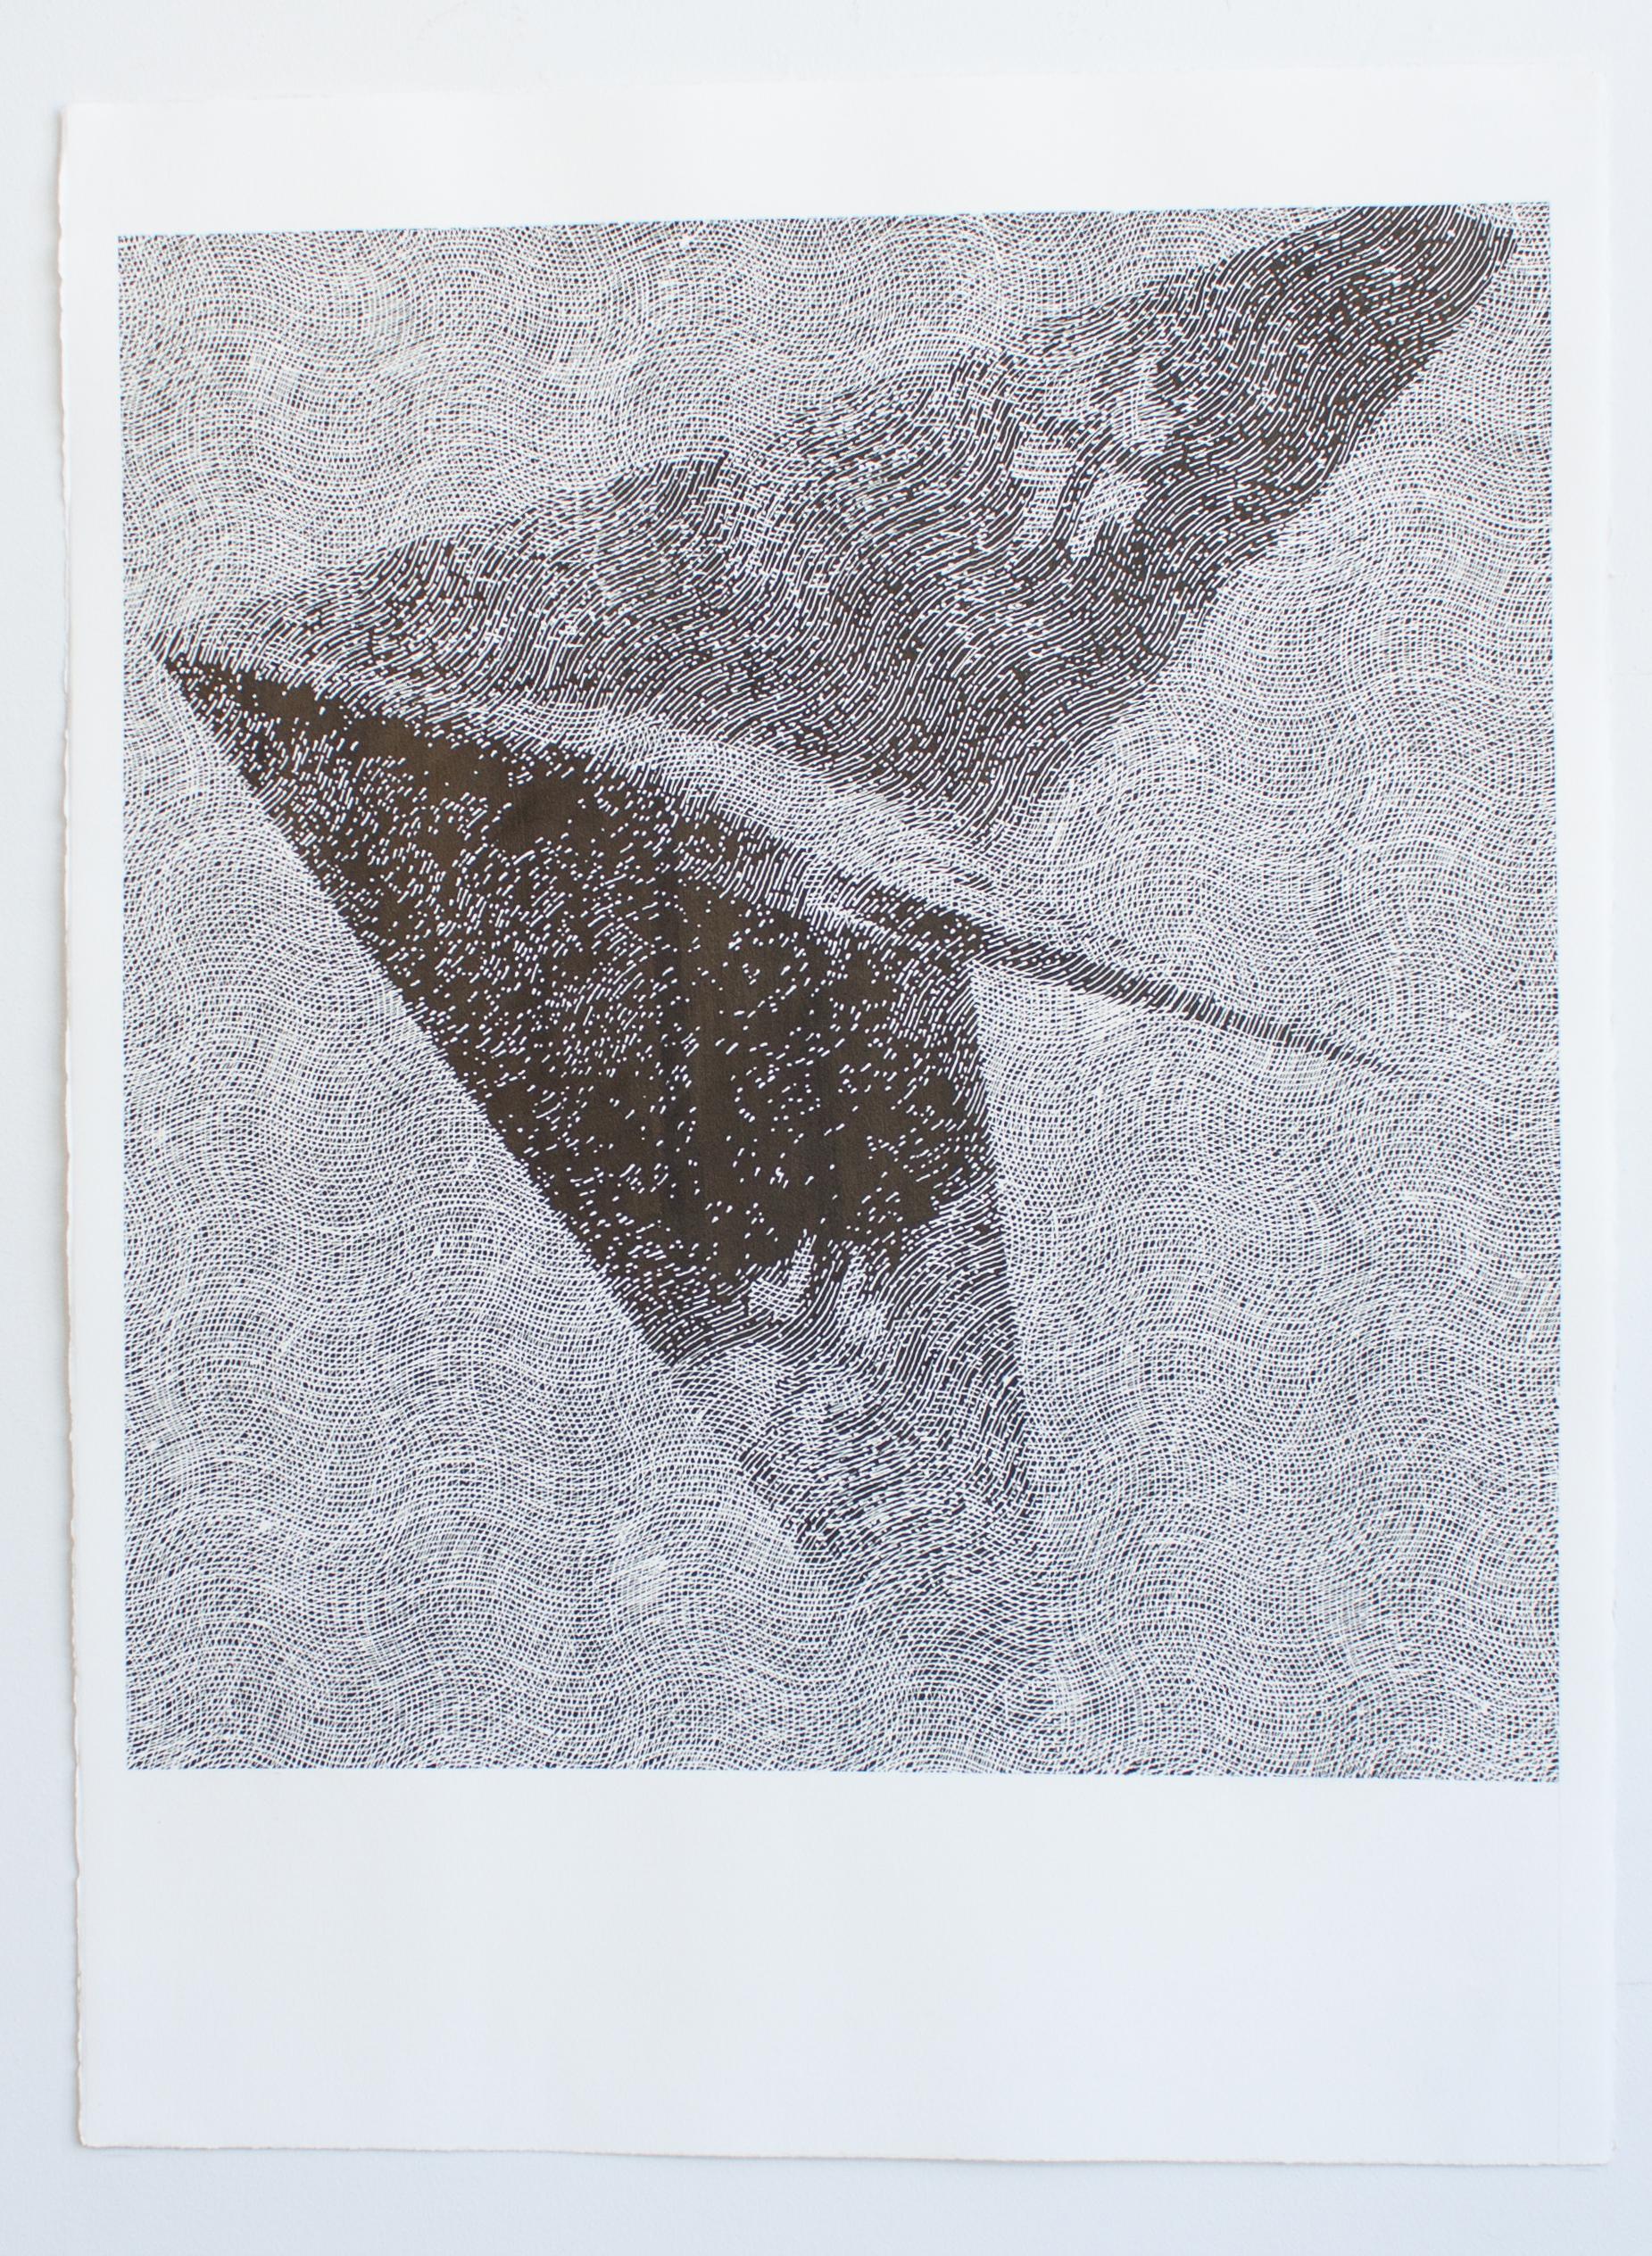 Lippisch Delta Wing